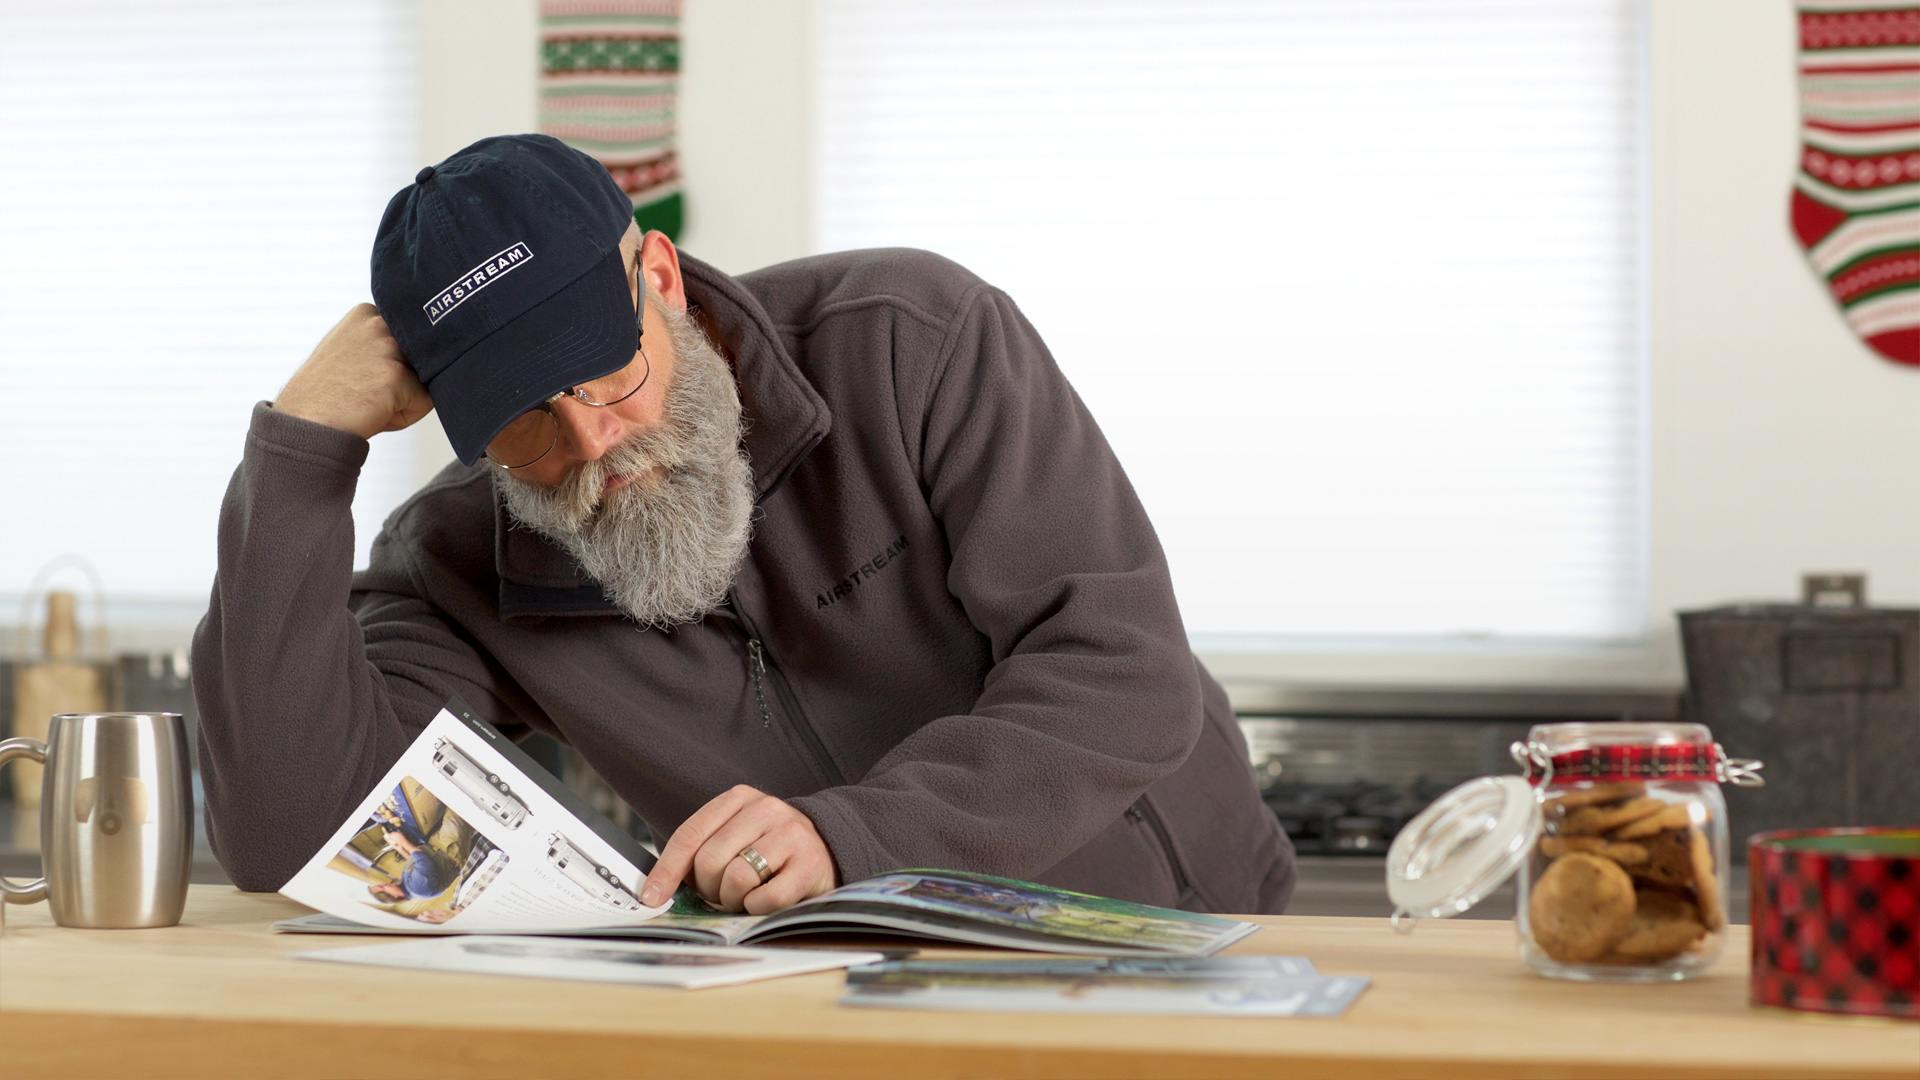 Santa Looking at an Airstream Brochure